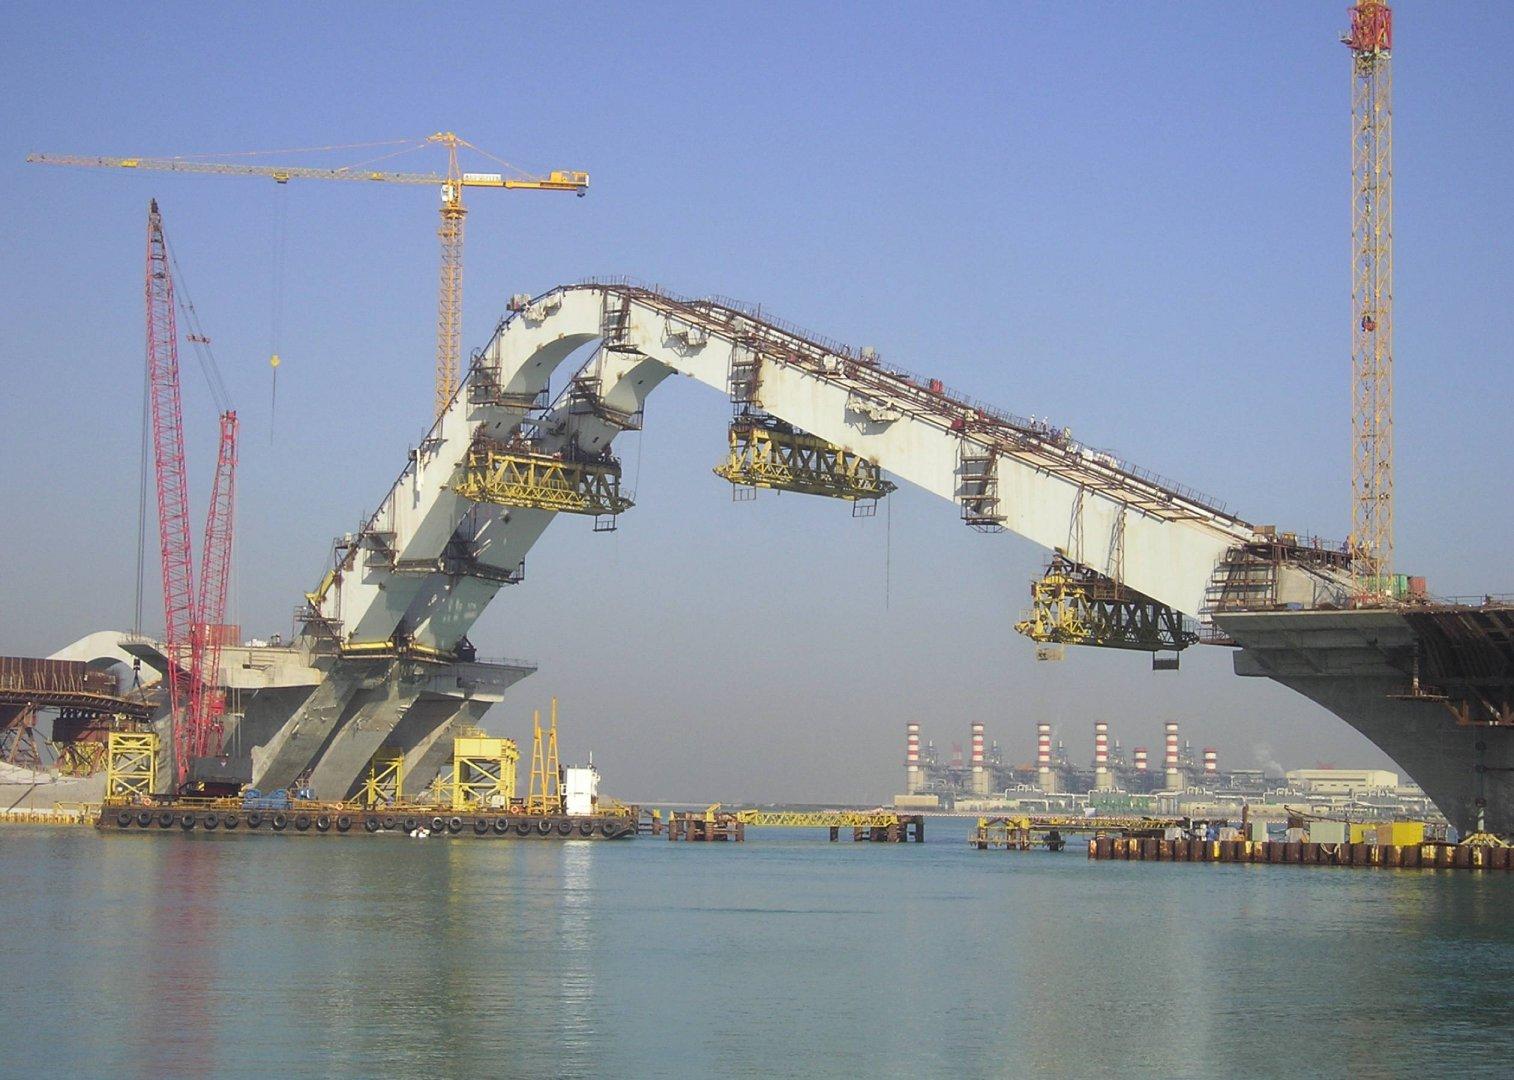 Sheikh Zayed Bridge - Abu Dhabi, UAE | DESIGN [afterhours]